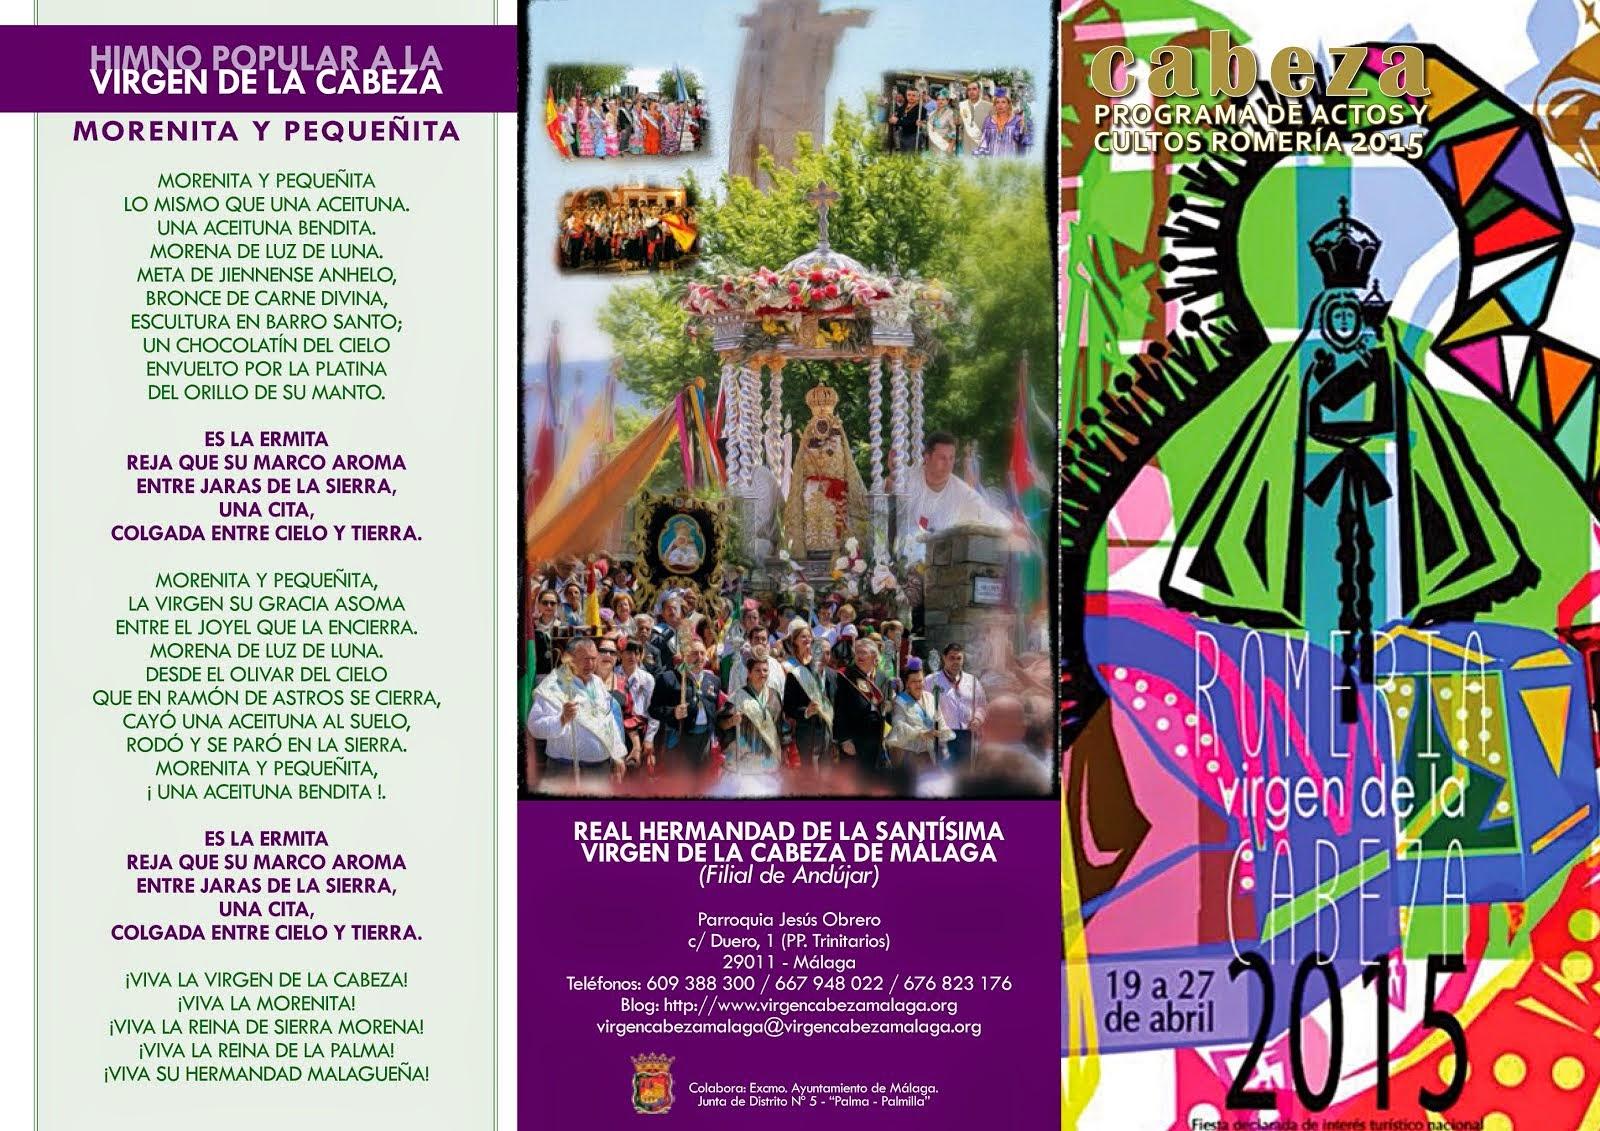 Programa de Actos y Cultos ROMERÍA 2015. Real Hdad. de Málaga.